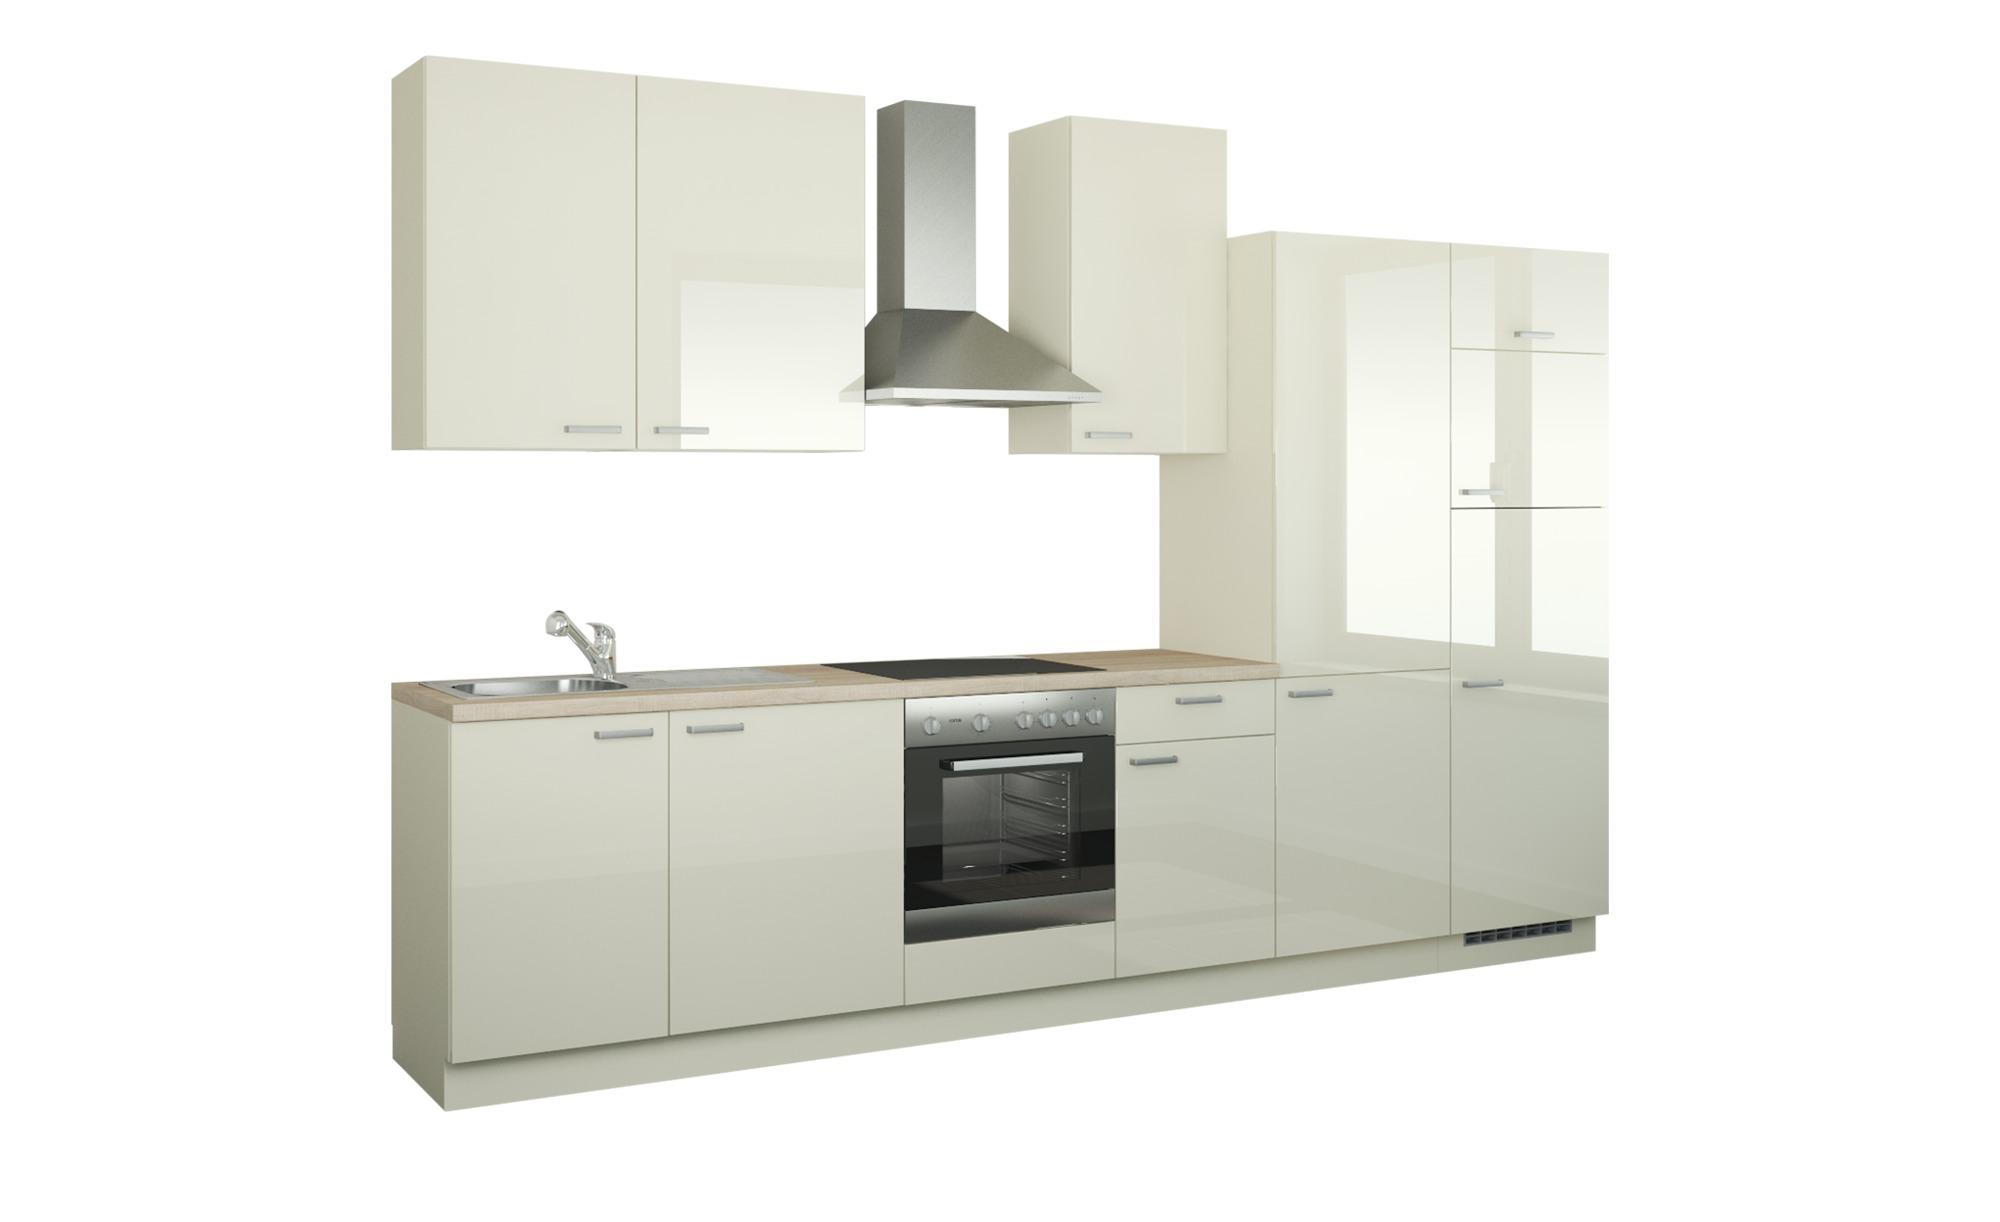 Kuchenzeile Mit Elektrogeraten Duisburg Creme Masse Cm B 340 Kuchen Kuchenblocke Hoffner